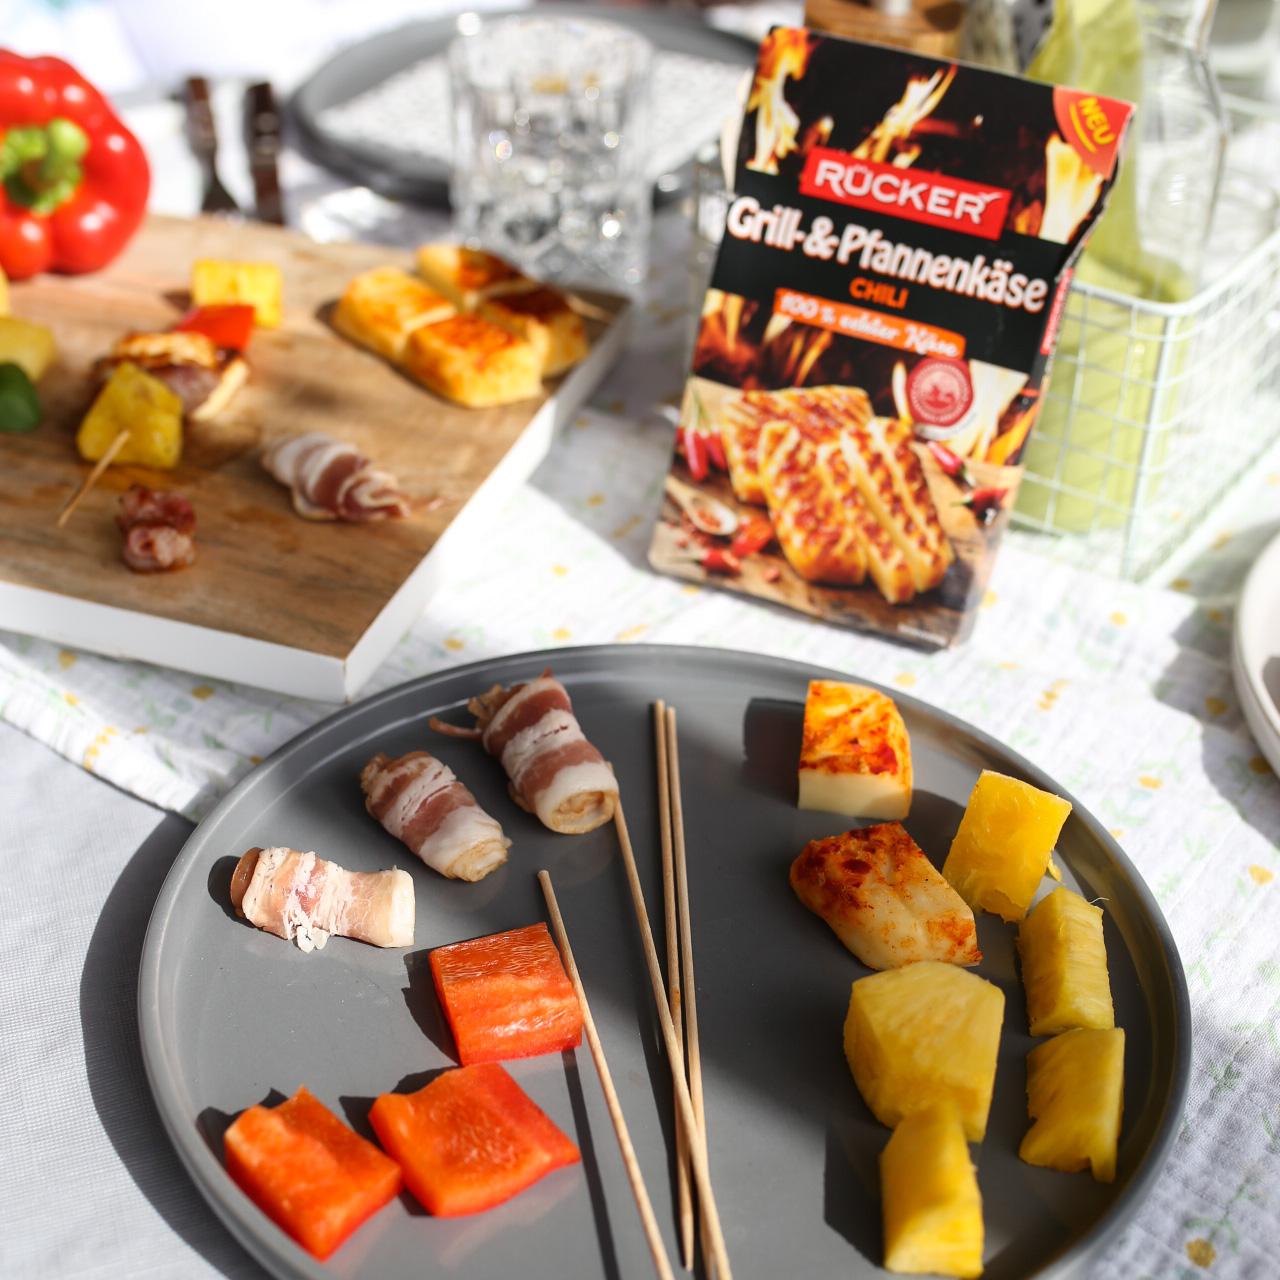 Grillrezept Zutaten: Grill- & Pfannenkäse in der Sorte Chili - Ananas - rote Paprika - Bacon - Holzspieße